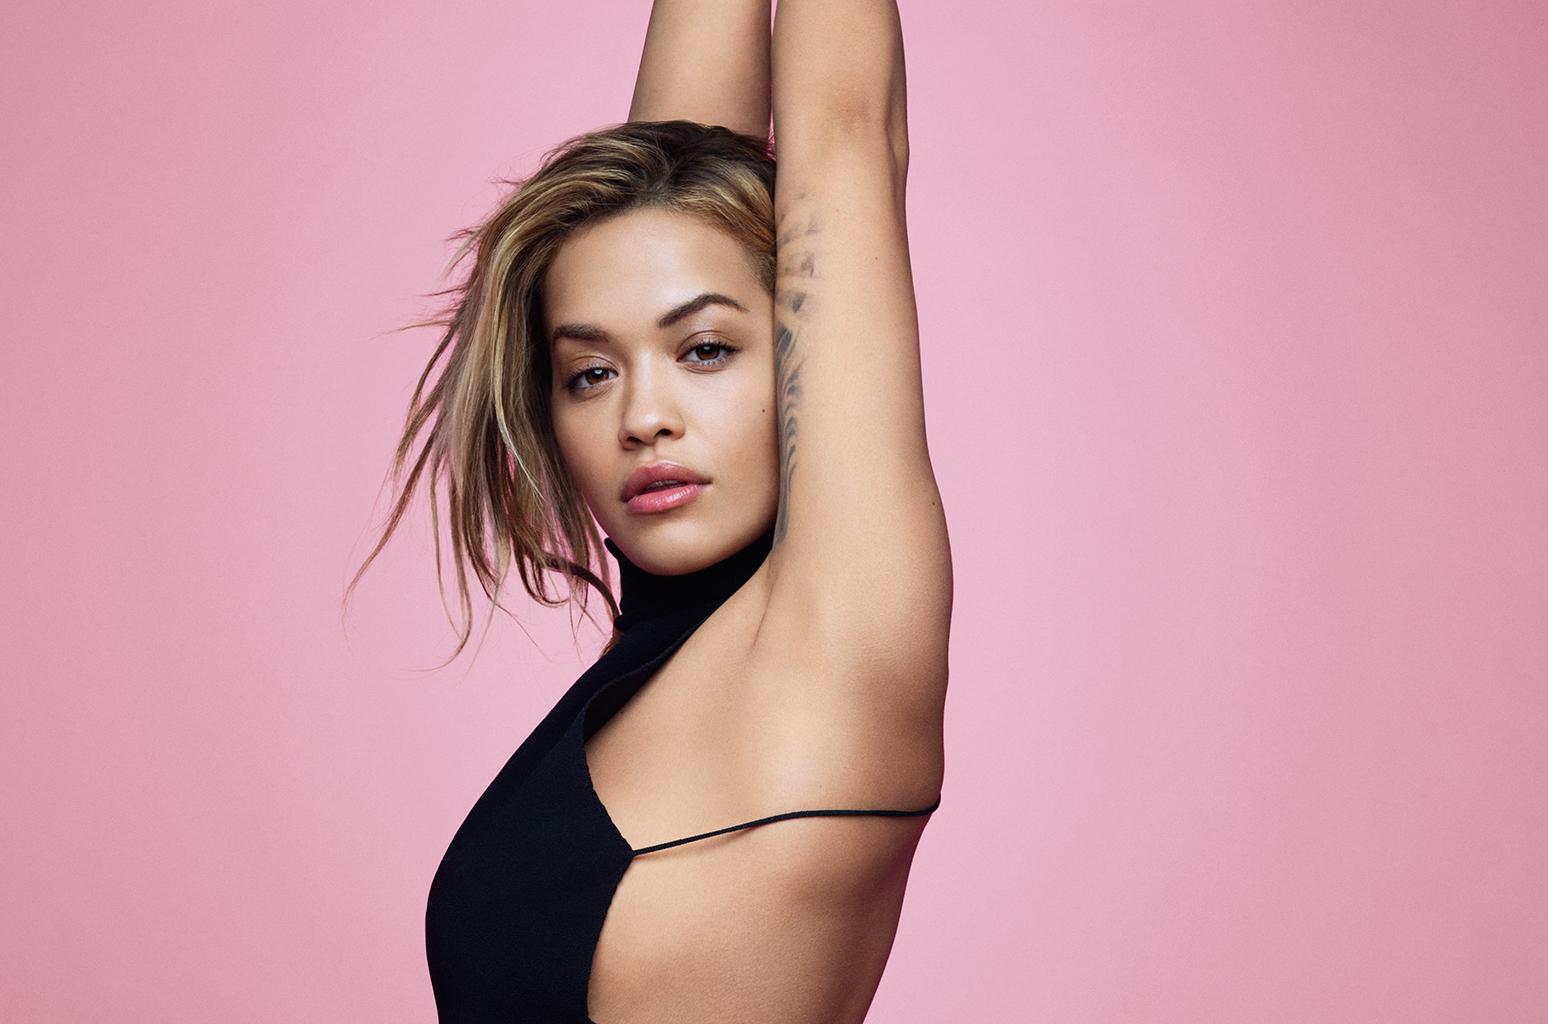 Show da britânica Rita Ora tem desconto de 50% pelo Clube; saiba onde comprar